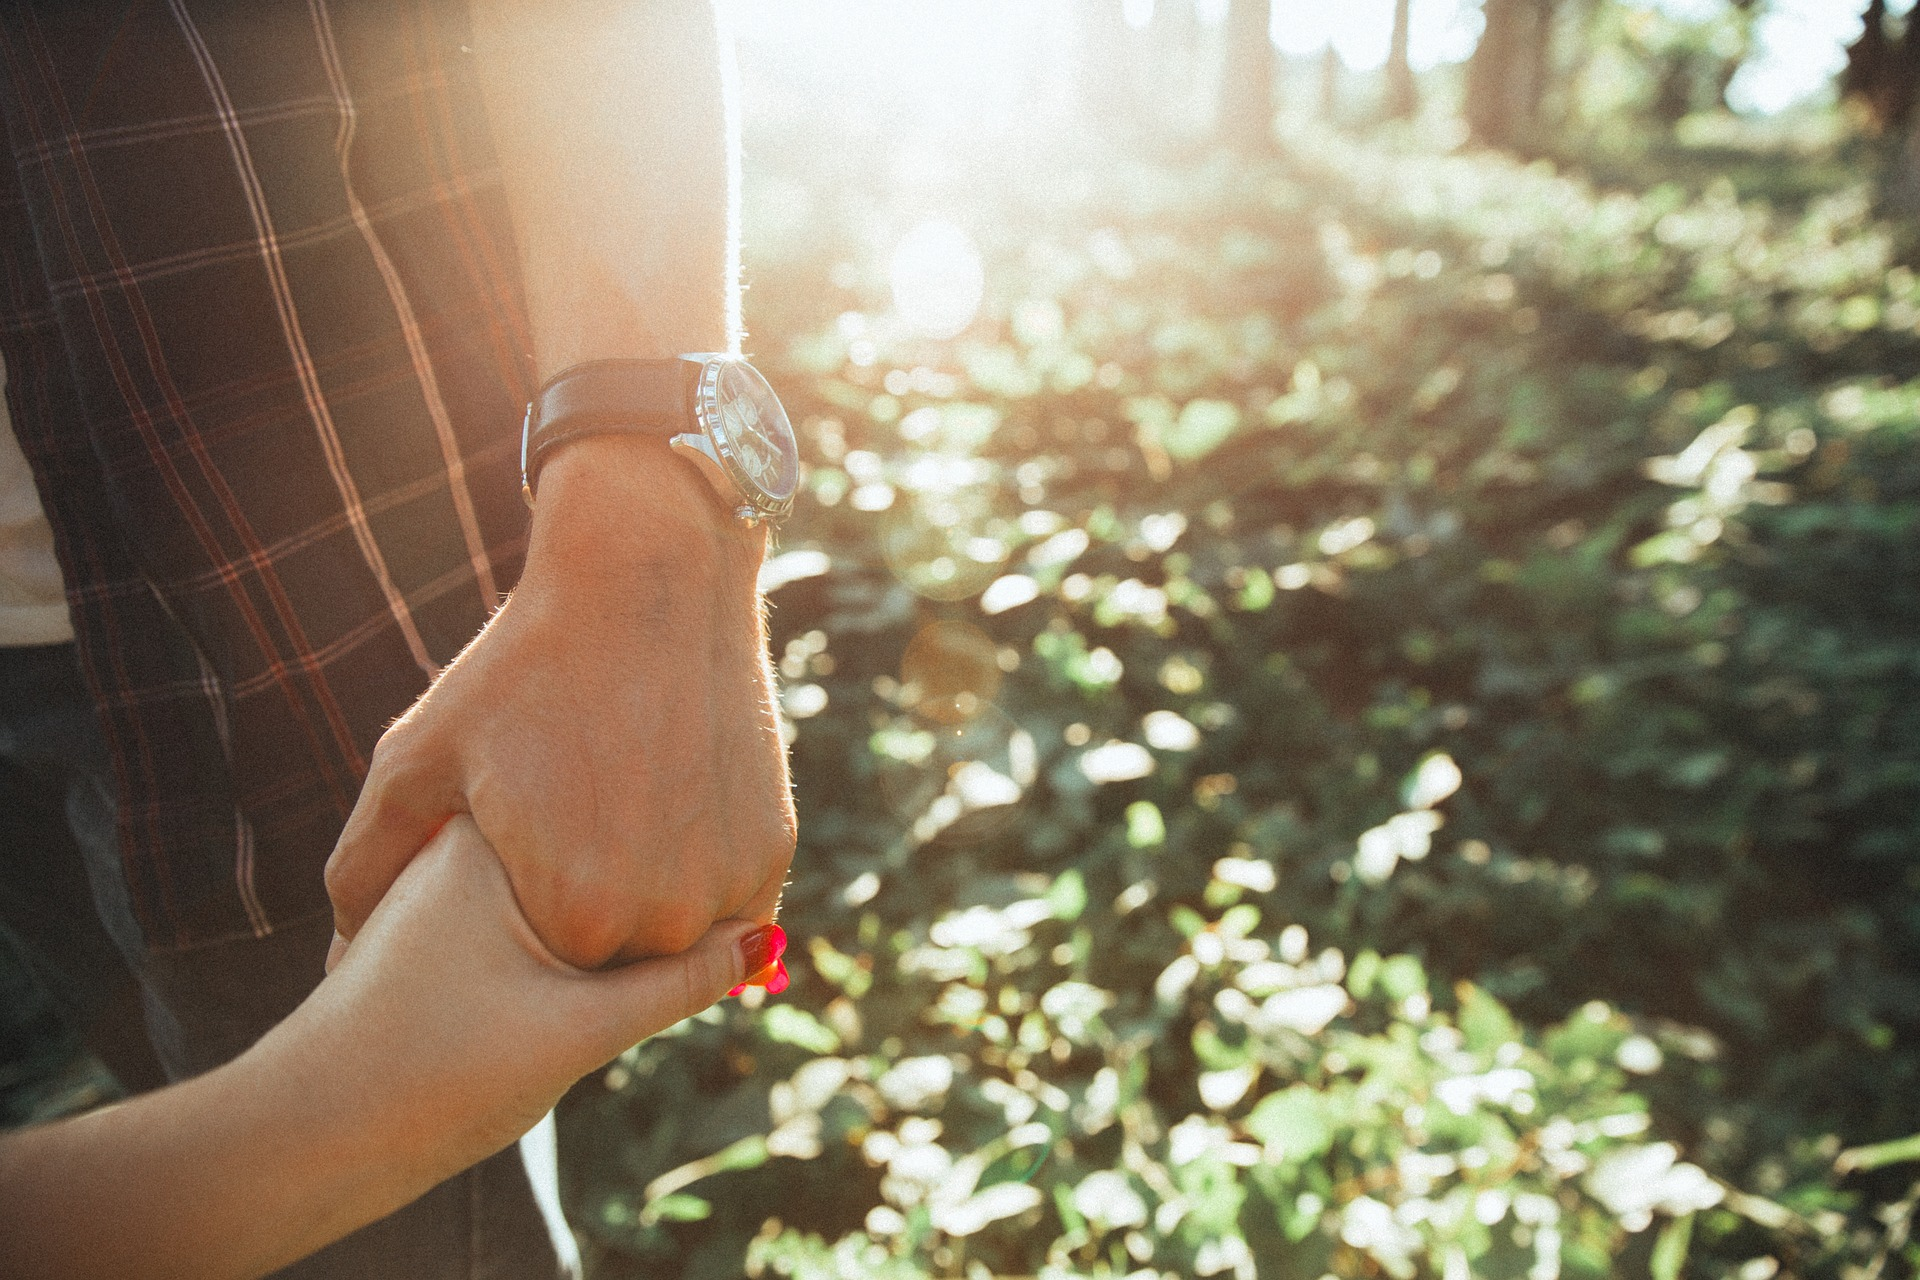 Σεξουαλική διάθεση ήλιος: Νέα μελέτη δείχνει πώς η συχνή έκθεση στο ηλιακό φως ενισχύει το πάθος